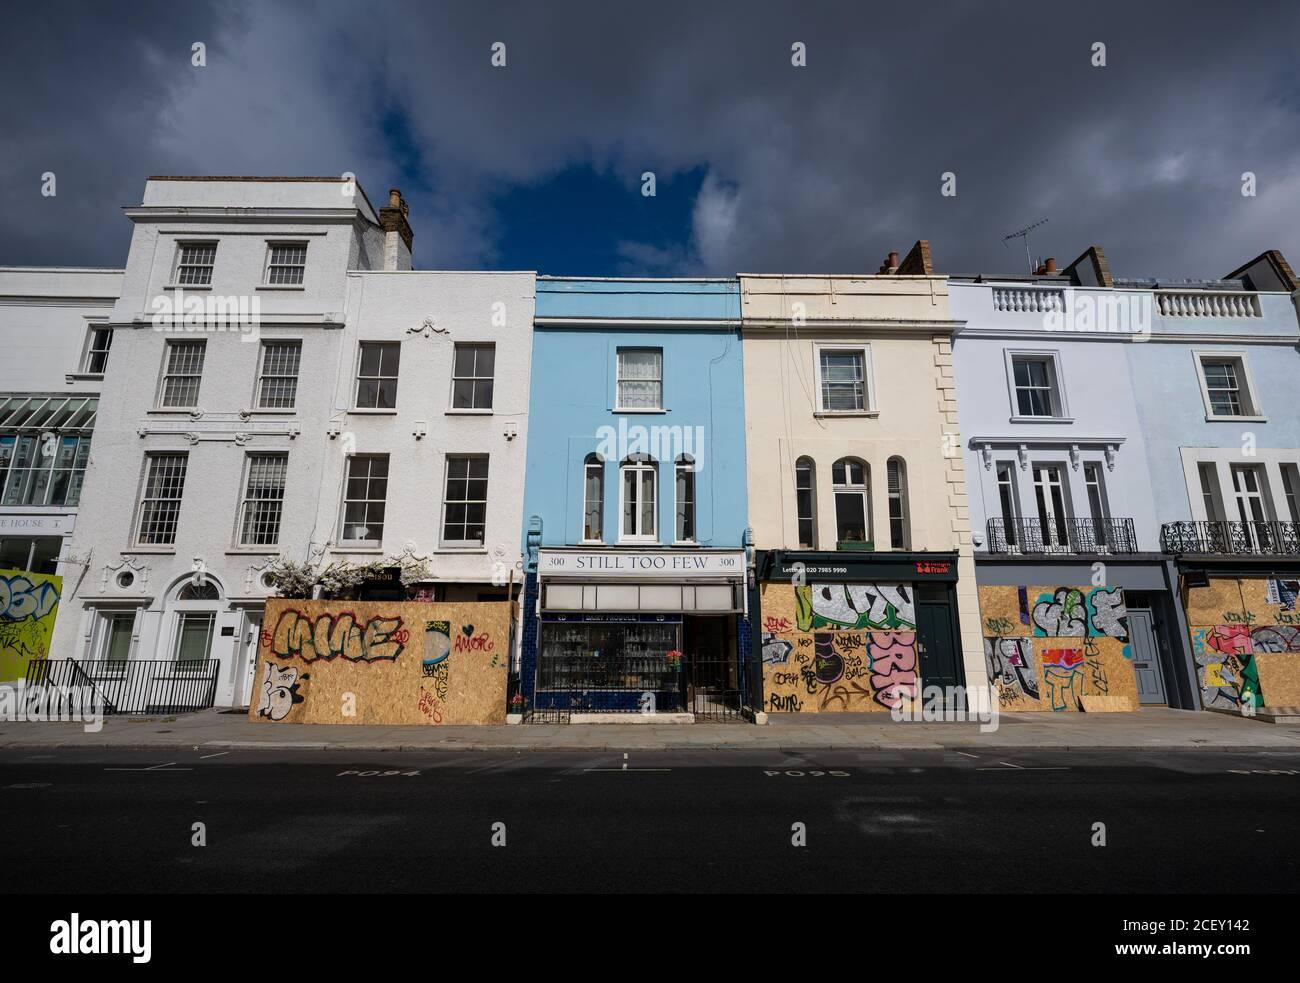 Notting Hill Carnival 2020. El abordaje antes de que el millón de personas marchen en Notting Hill en medio de los temores de desorden público durante el fin de semana de vacaciones bancarias. Foto de stock